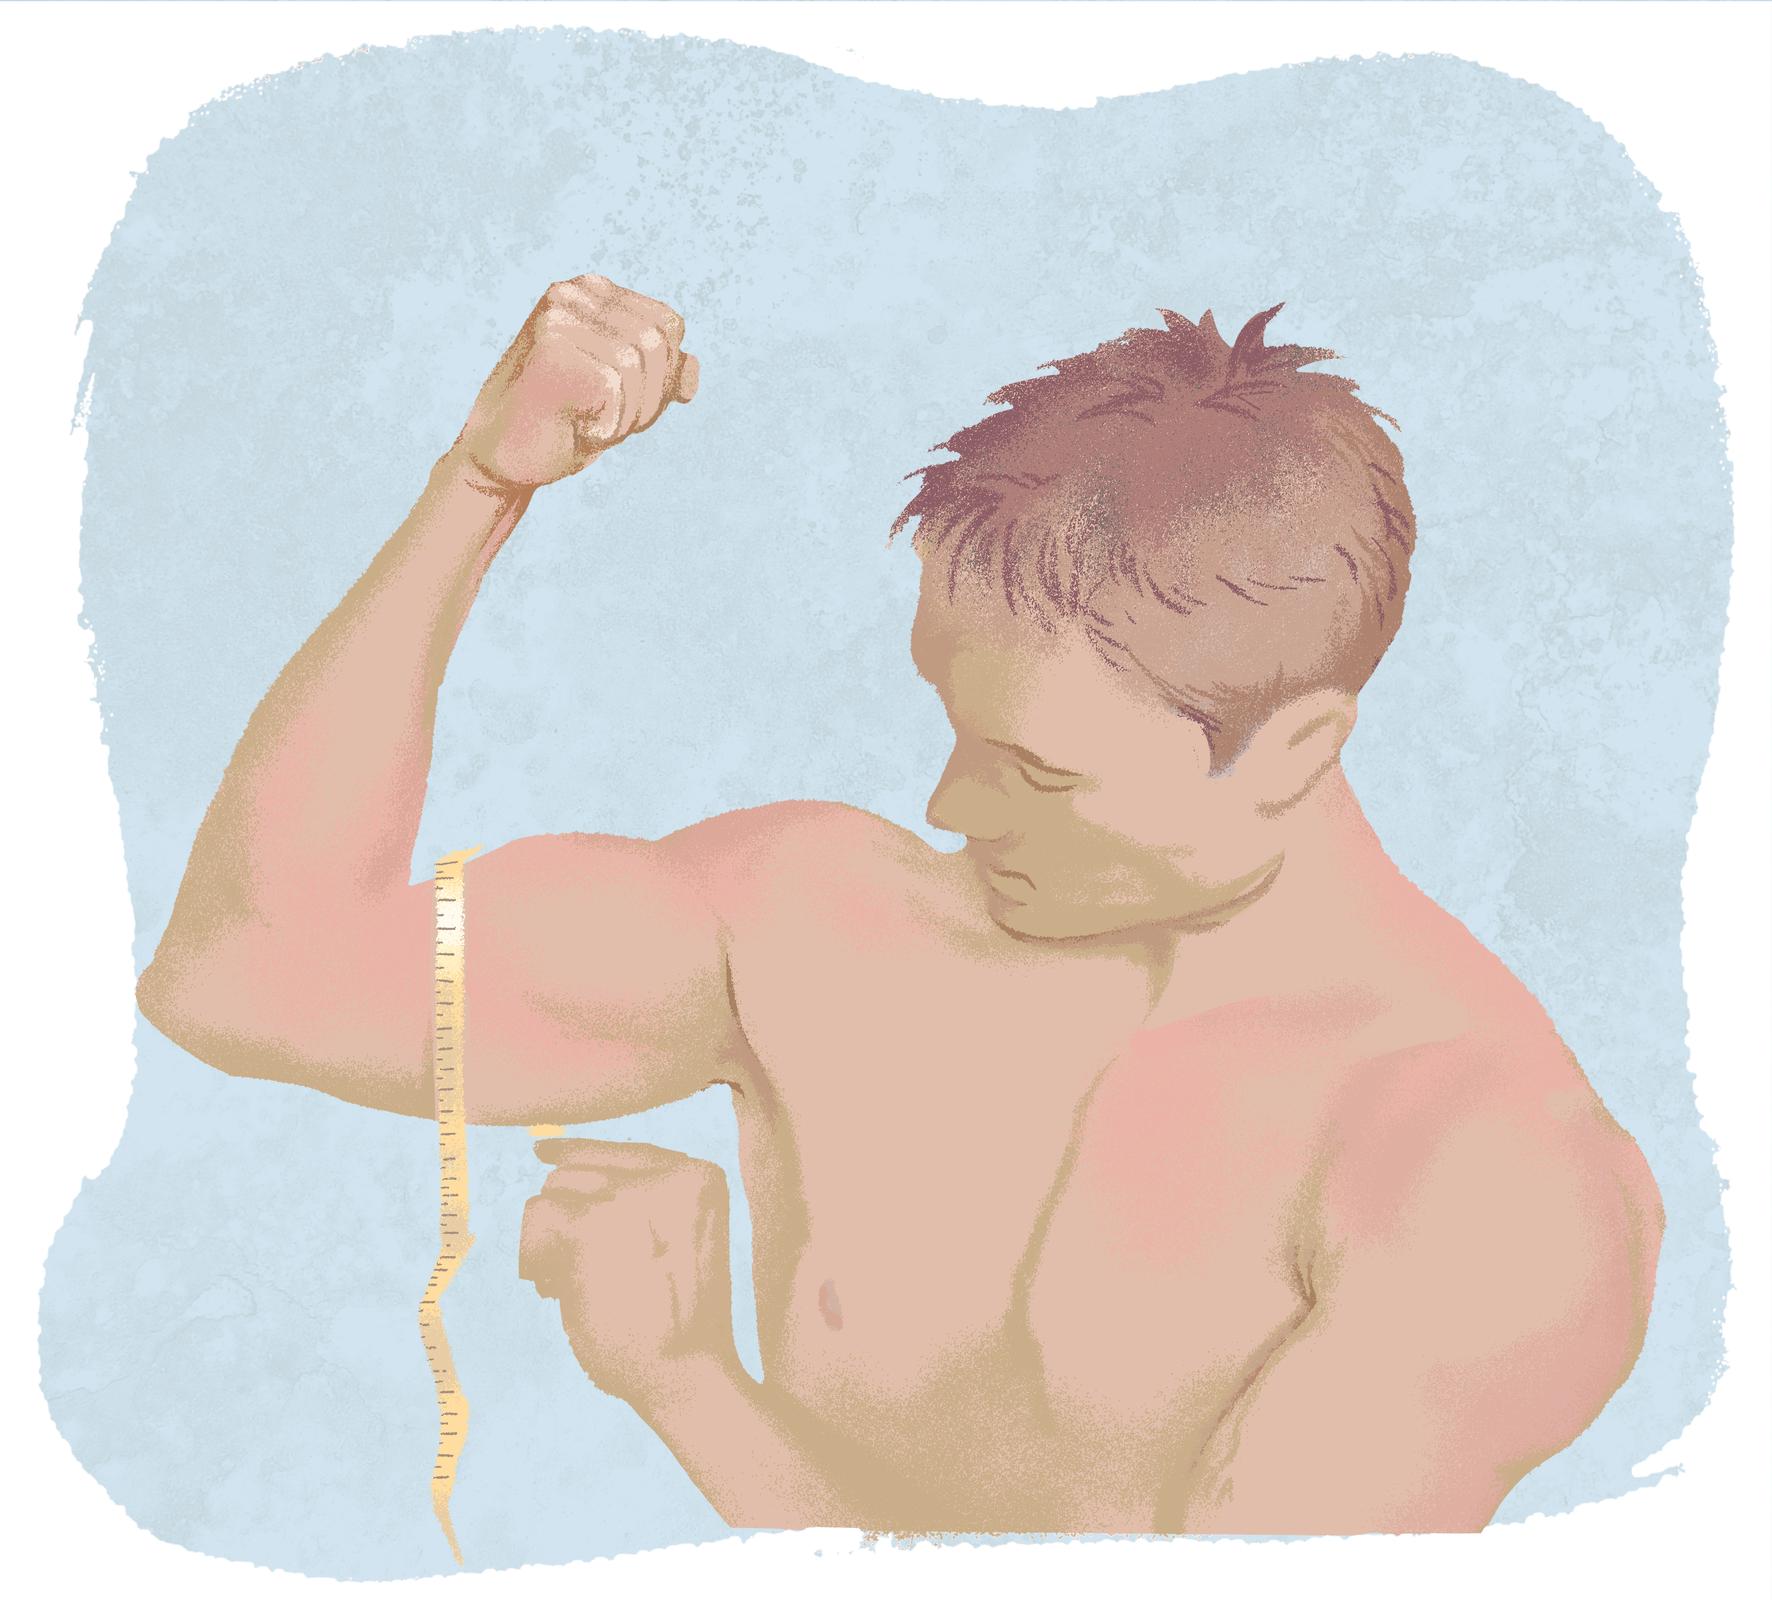 Młody półnagi mężczyzna mierzy obwód bicepsu. Prawą rękę ma uniesioną, biceps napięty. Na bicepsie owinięty centymetr krawiecki.